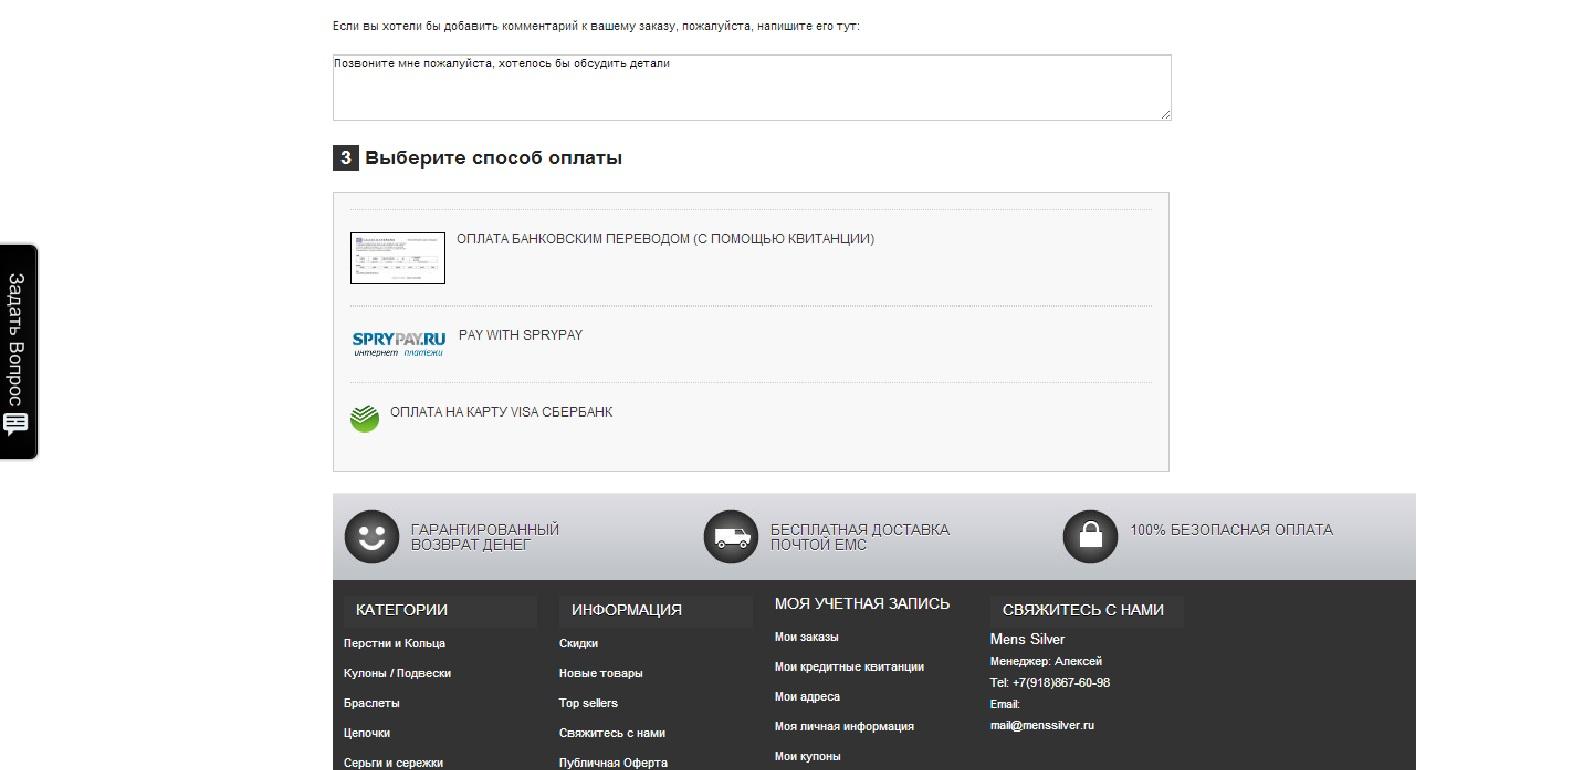 Купить мужской серебряный браслет в интернет-магазине menssilver.ru